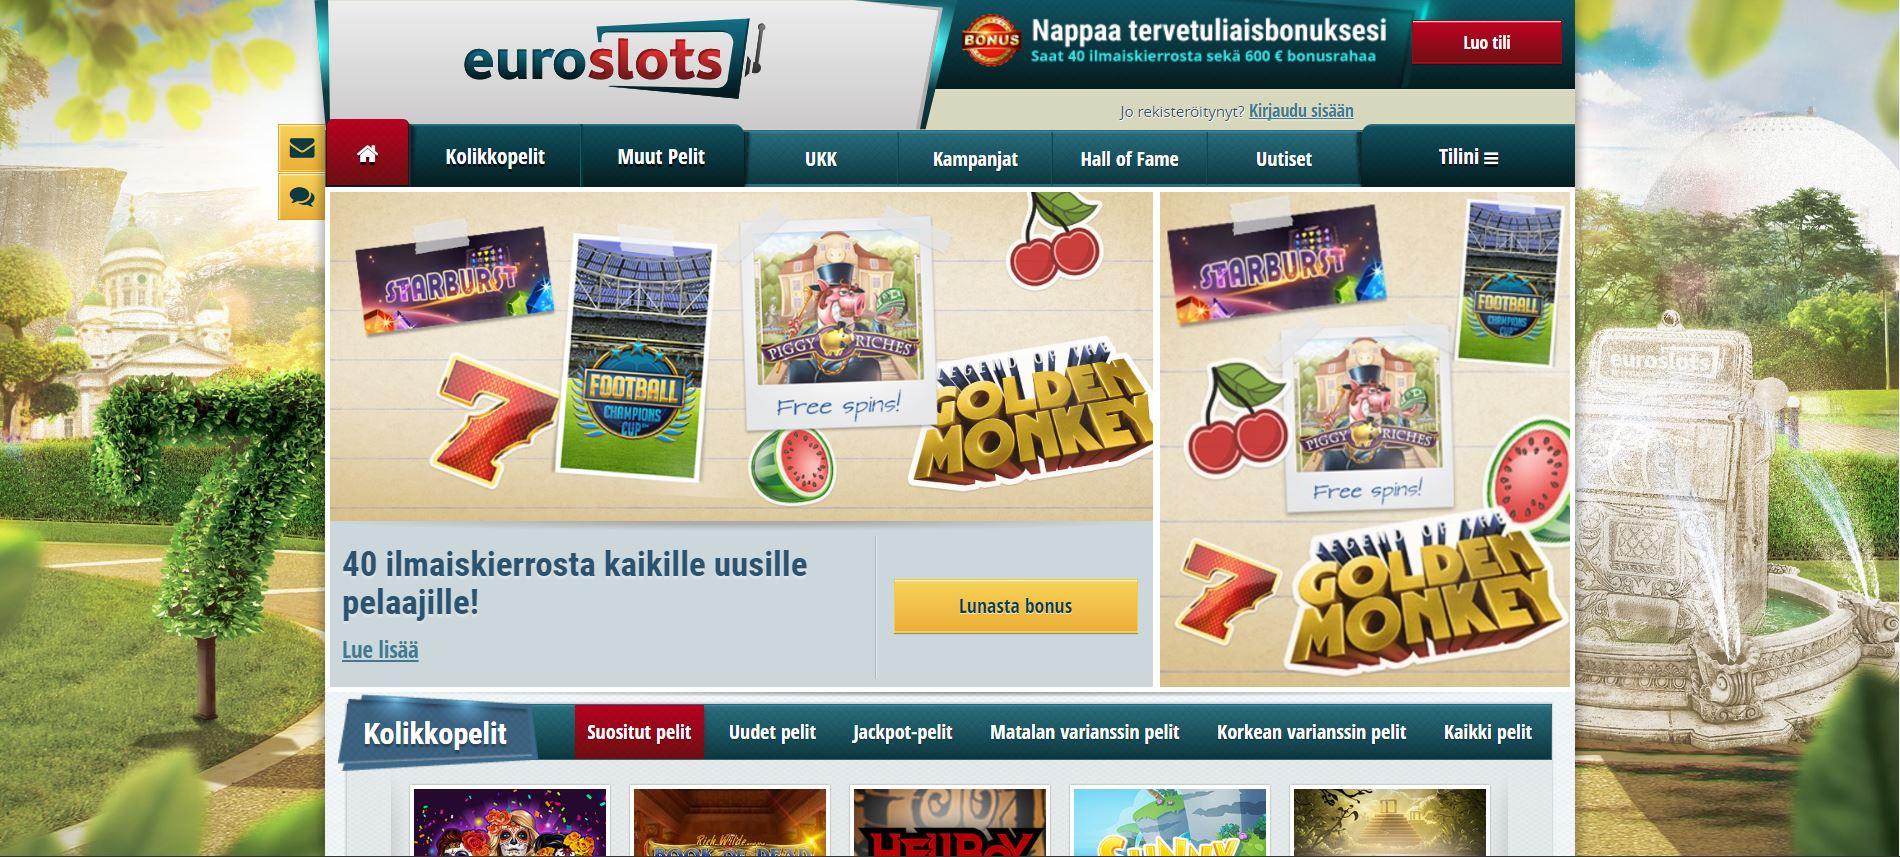 EuroSlots Kasino kuvankaappau